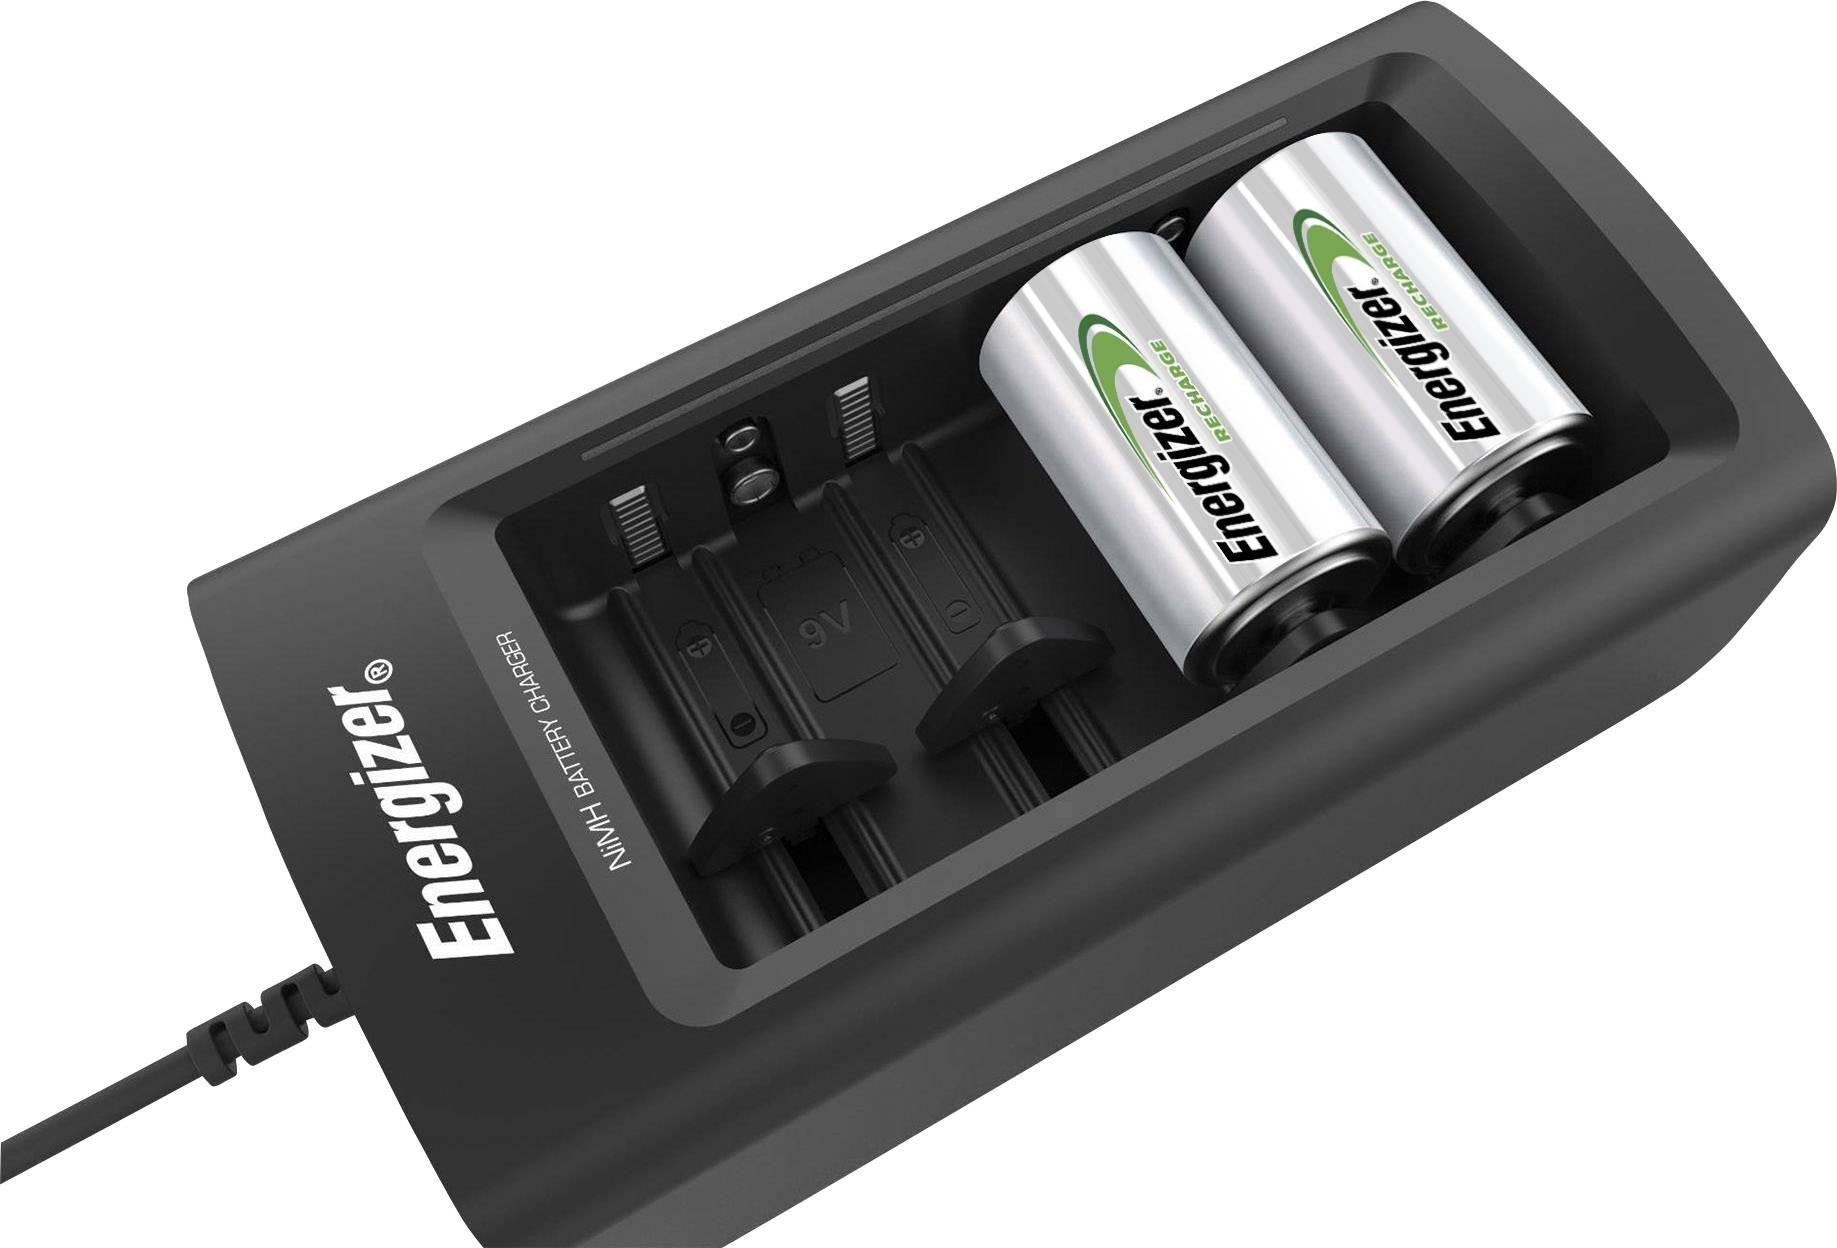 Energizer Universal Rundzellen Ladegerät NiMH Micro (AAA), Mignon (AA), Baby (C), Mono (D), 9 V Block